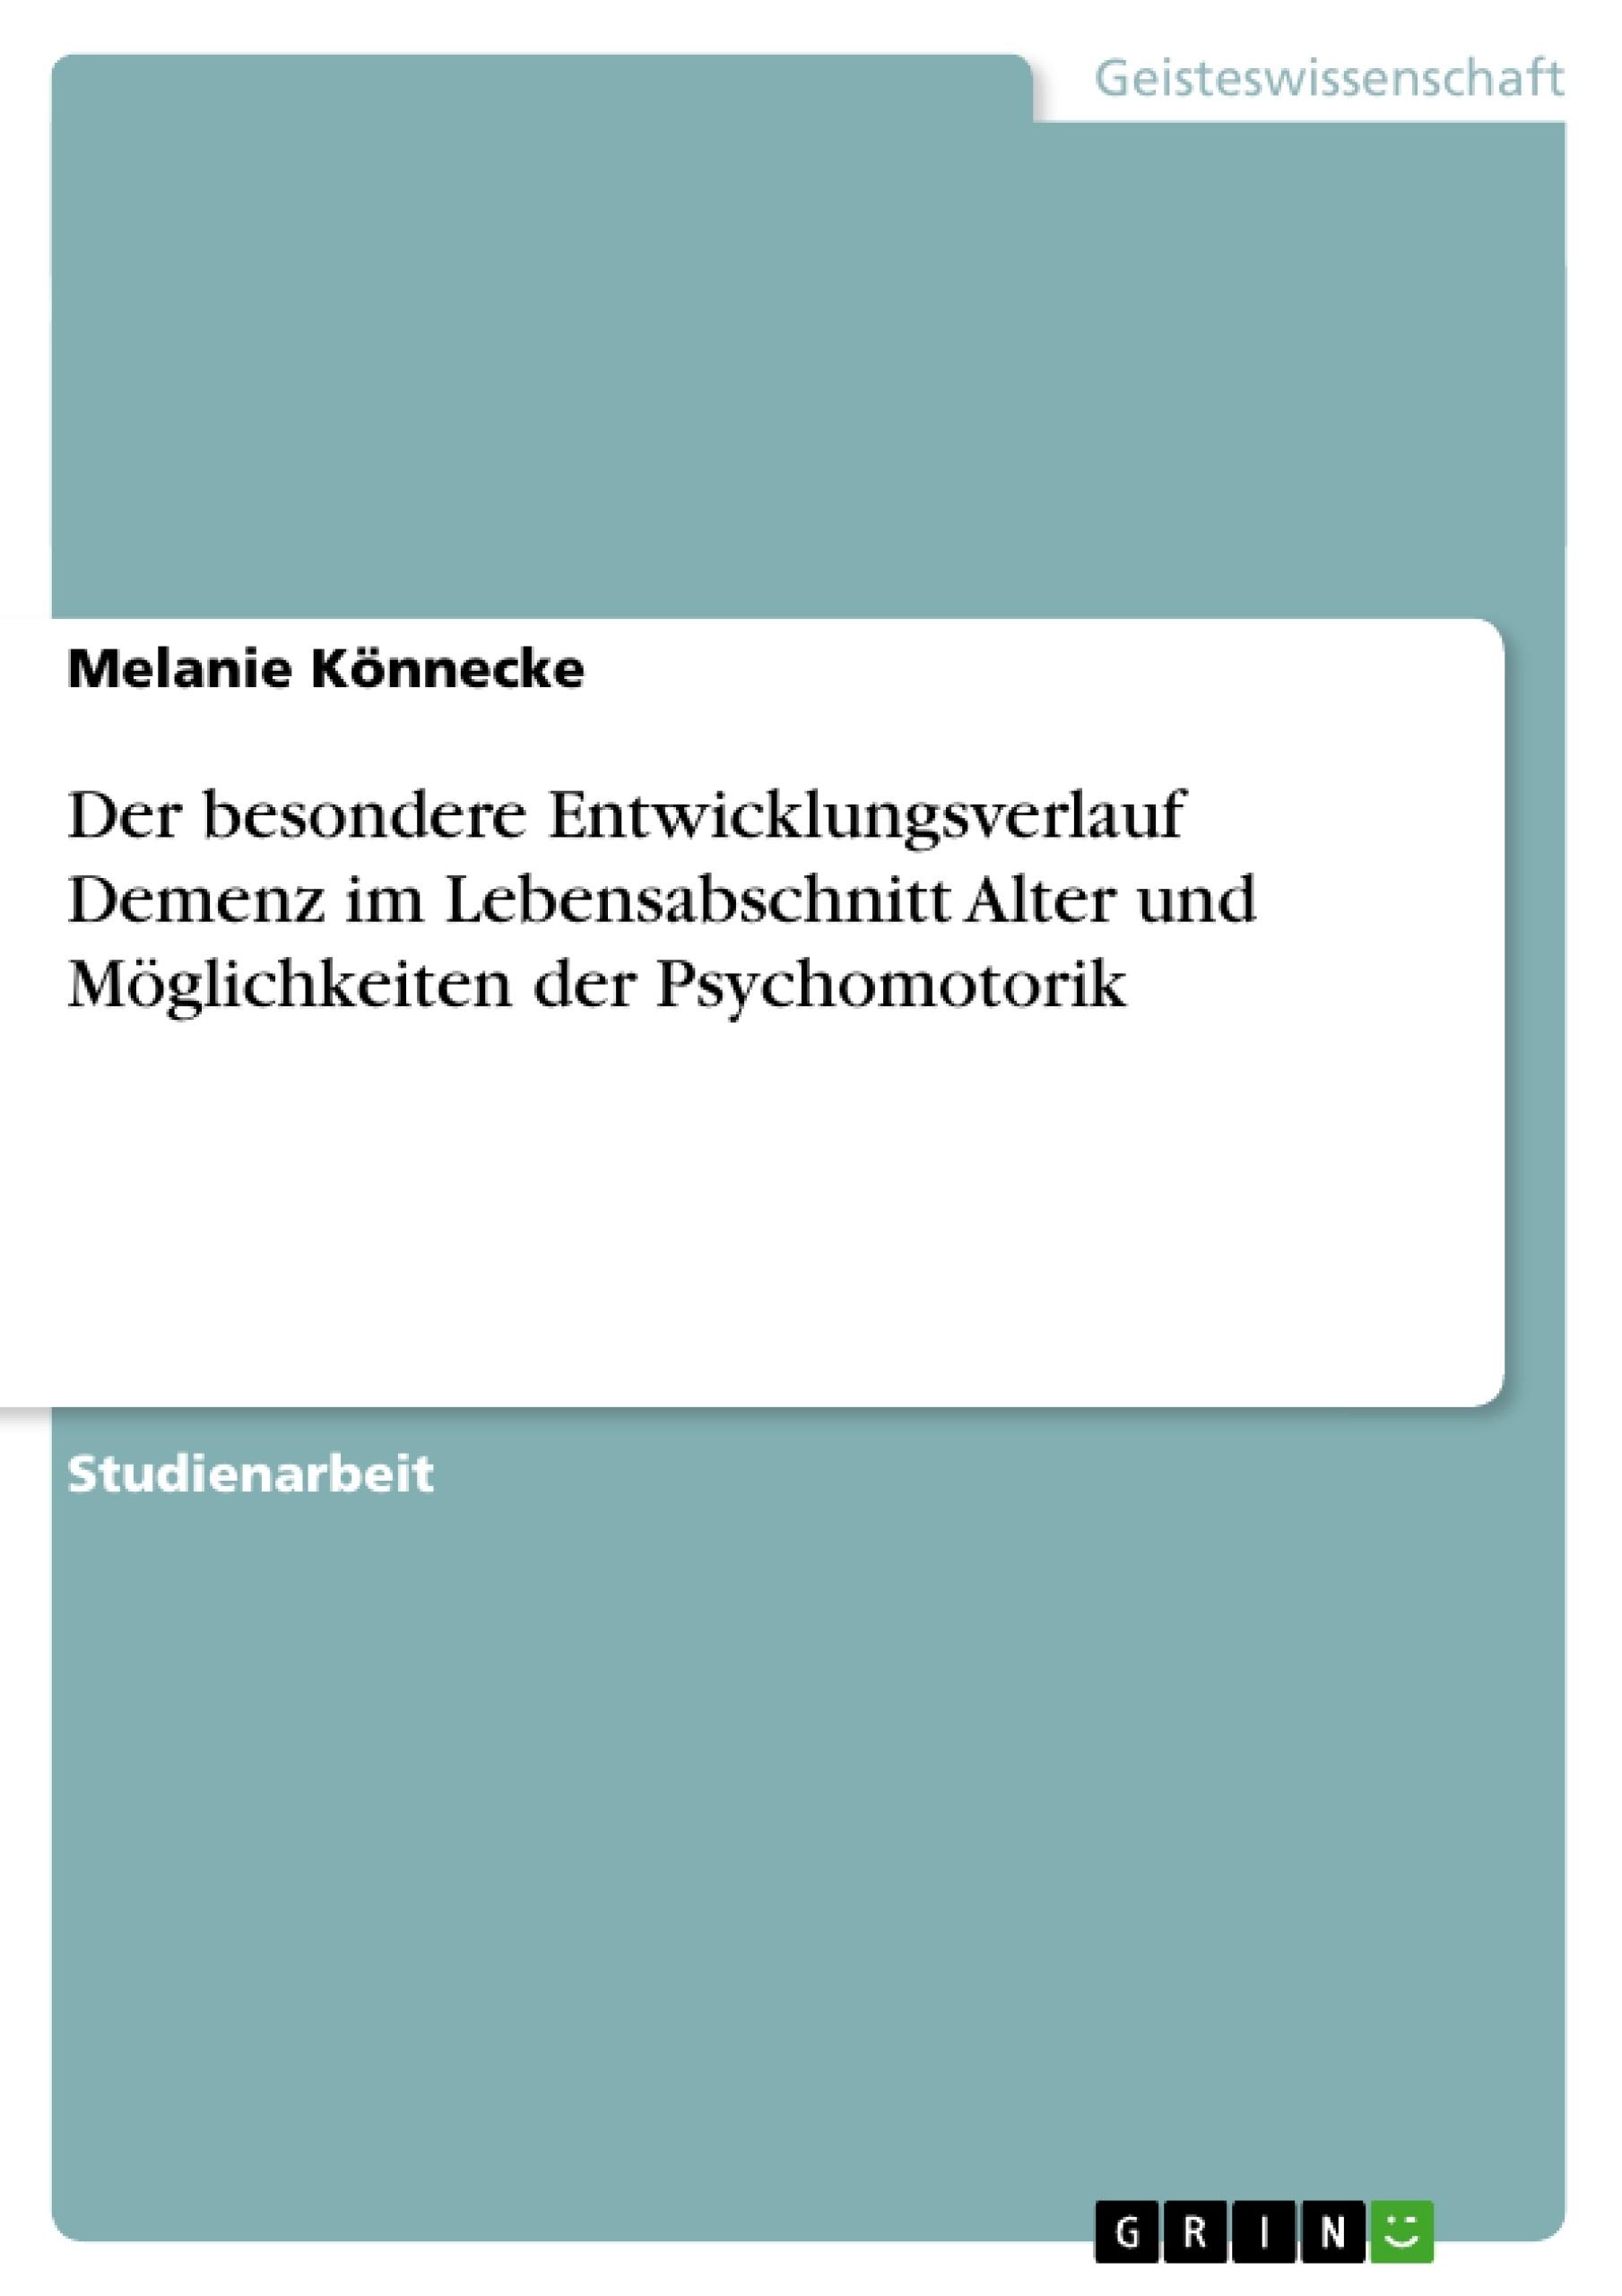 Titel: Der besondere Entwicklungsverlauf Demenz im Lebensabschnitt Alter und Möglichkeiten der Psychomotorik